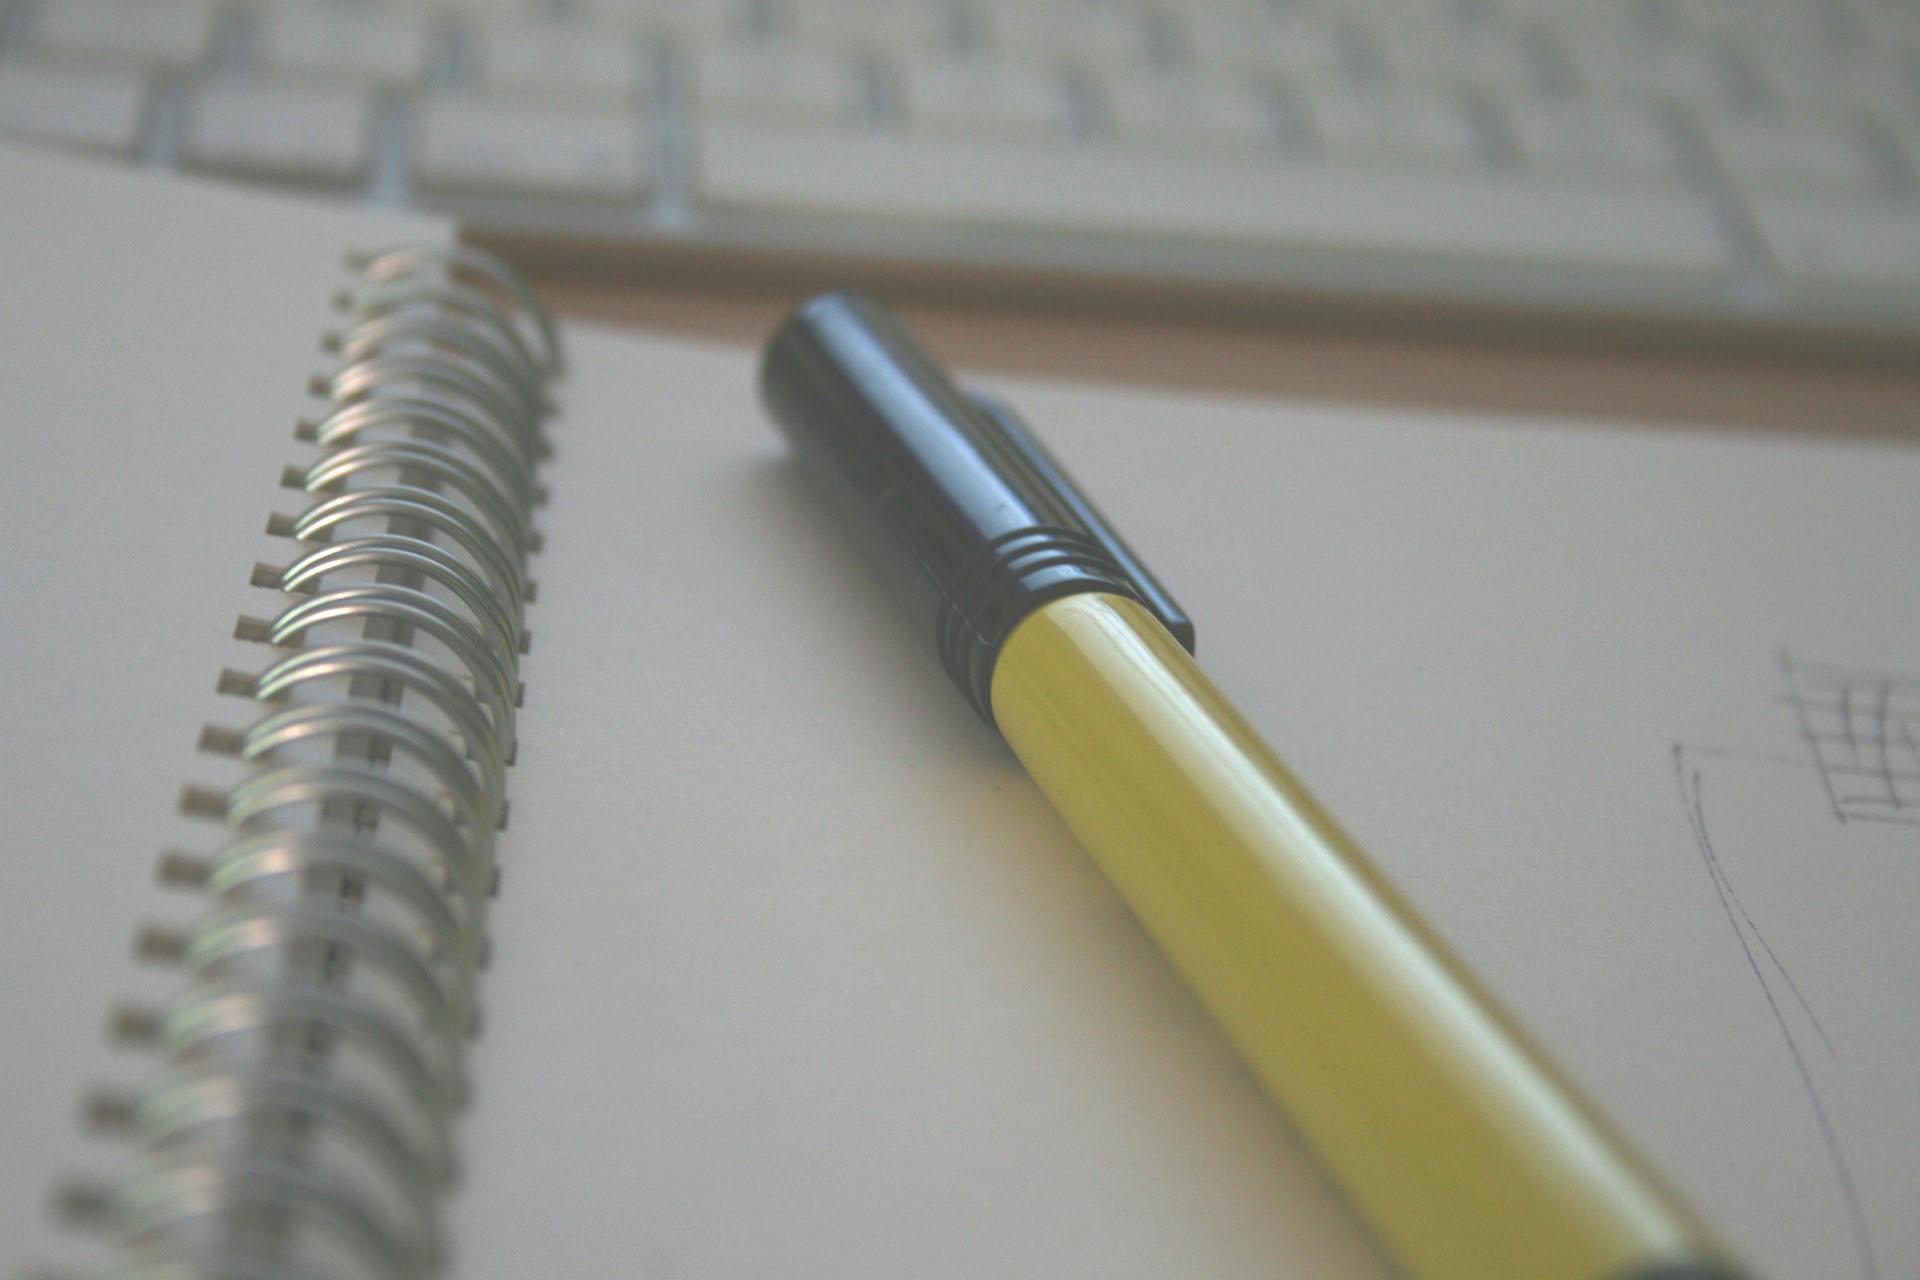 Nærbilde av en tusj som ligger oppå en notatblokk. I bakgrunnen skimtes tastaturet til en datamaskin. Bildet er litt grått og tåkete.